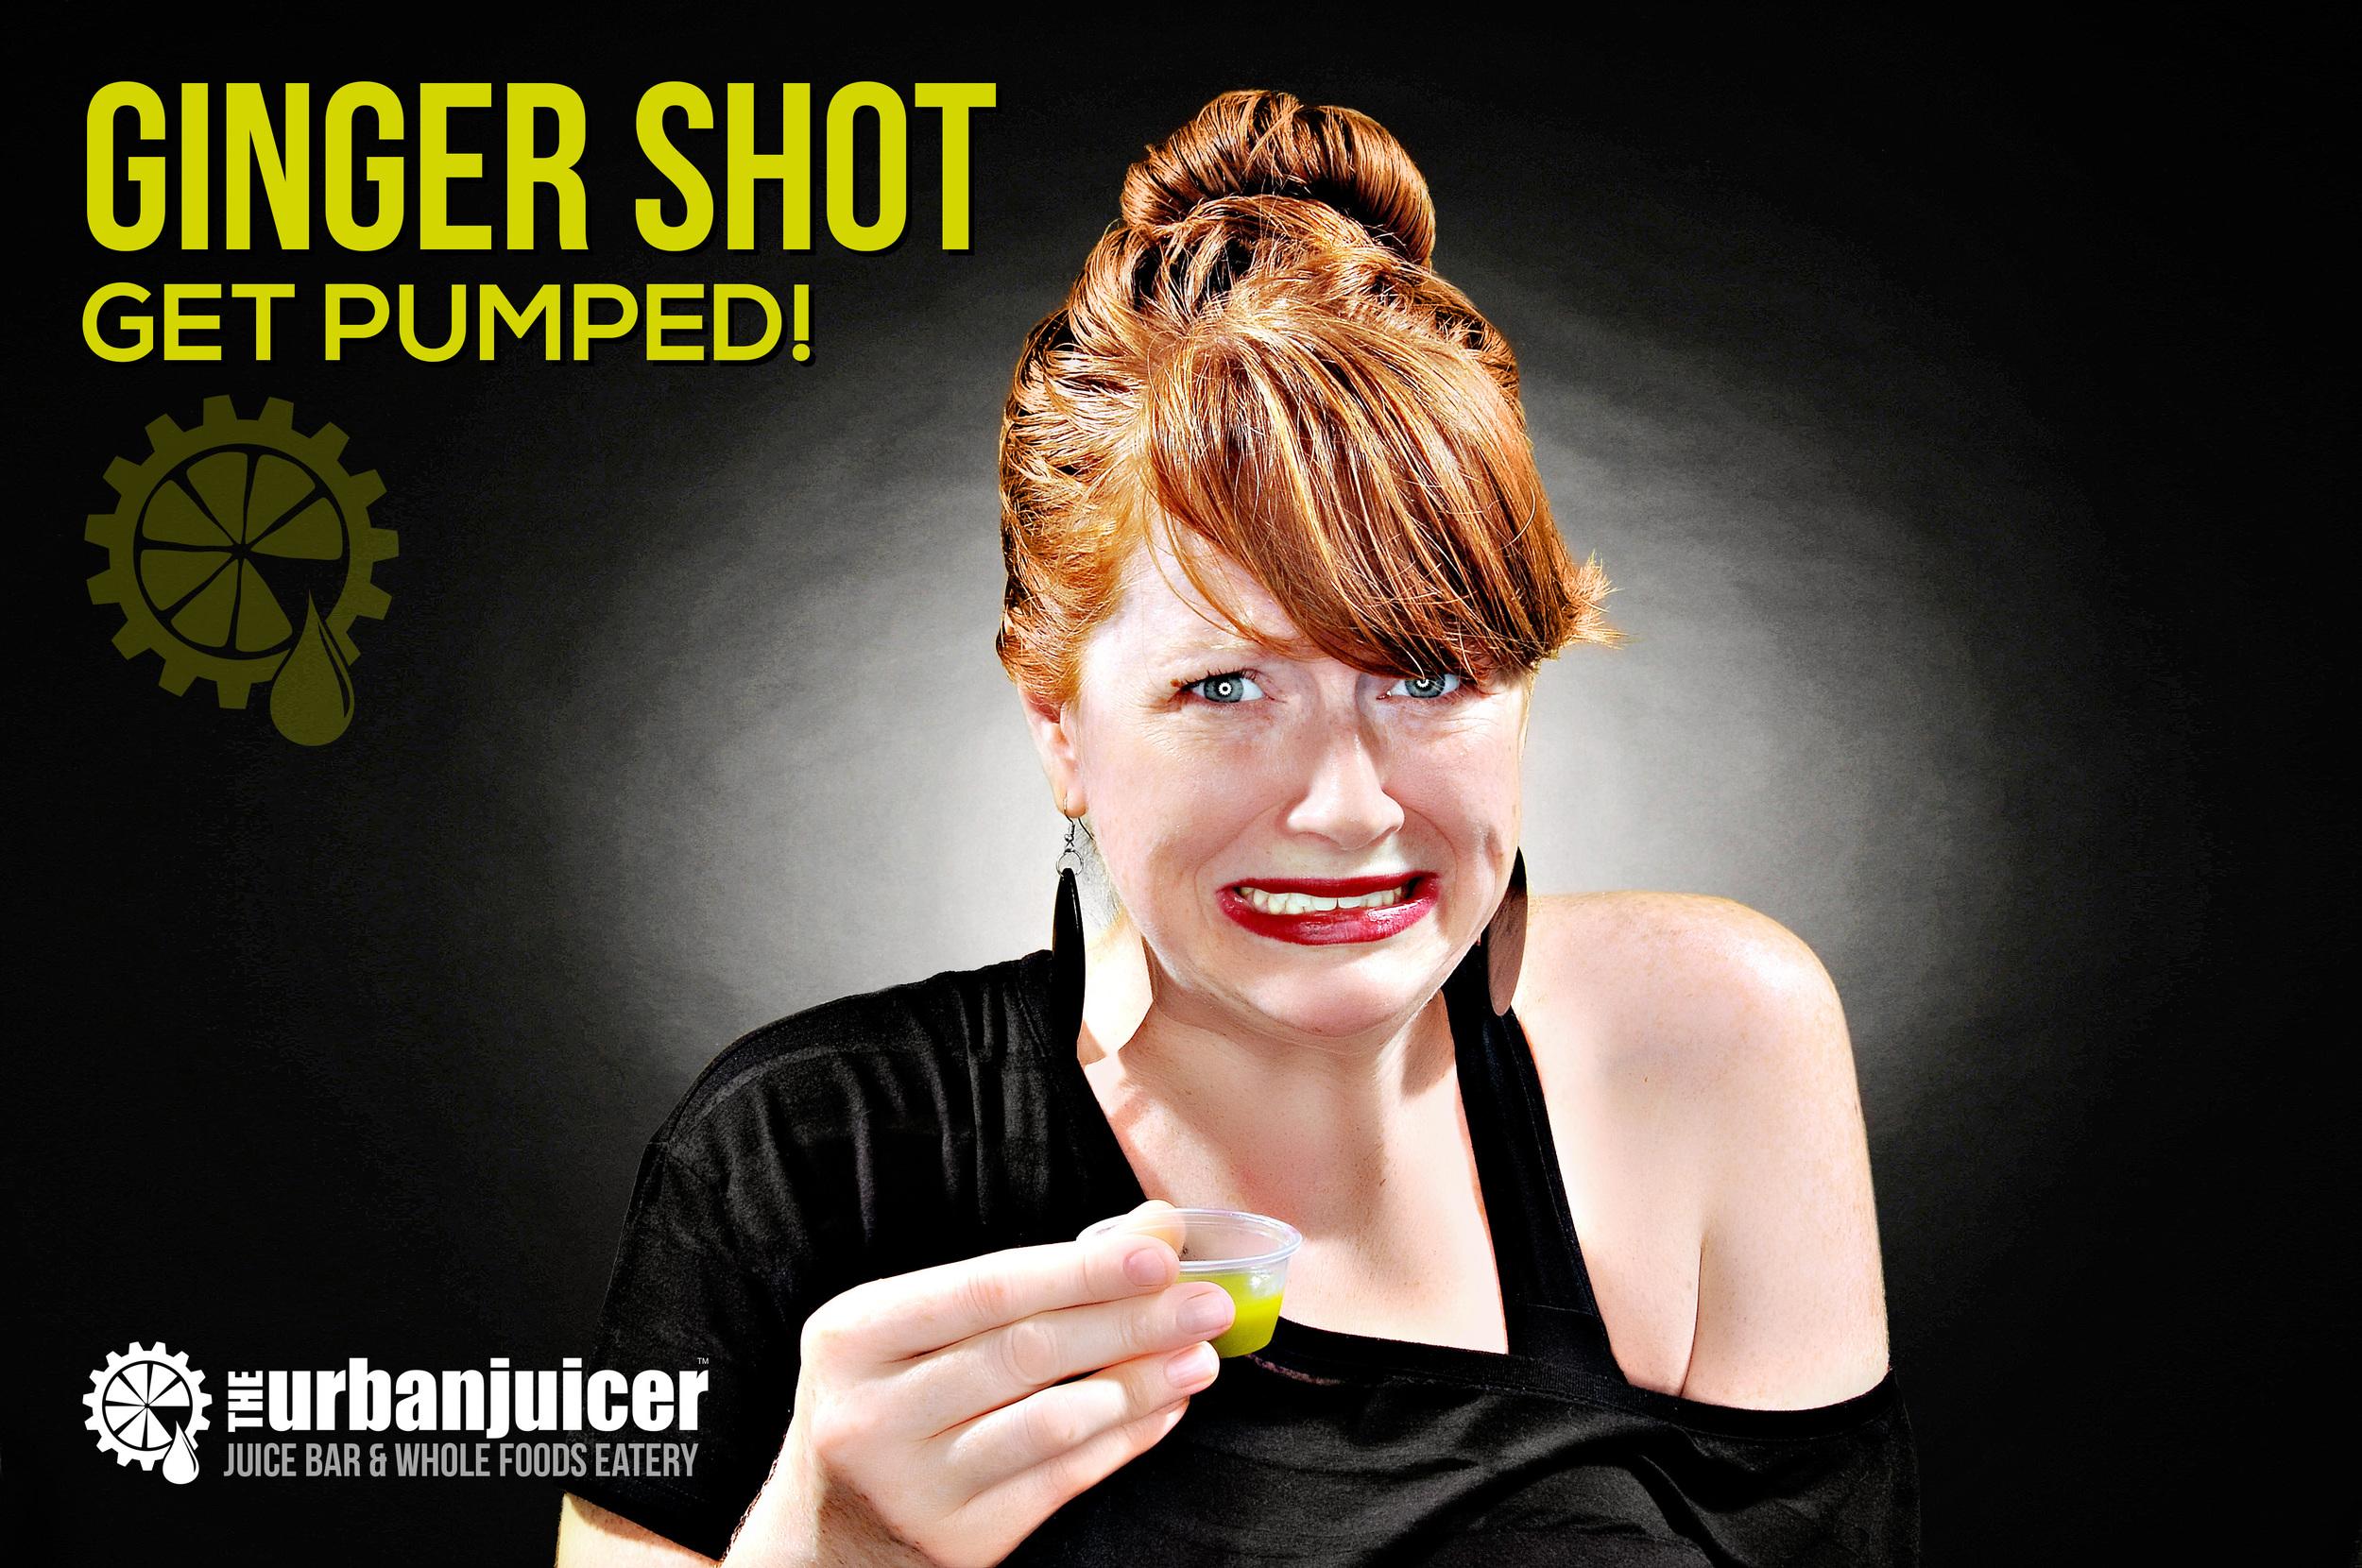 Nora-Ginger-Shot-Black-BG-Bonus-01.jpg